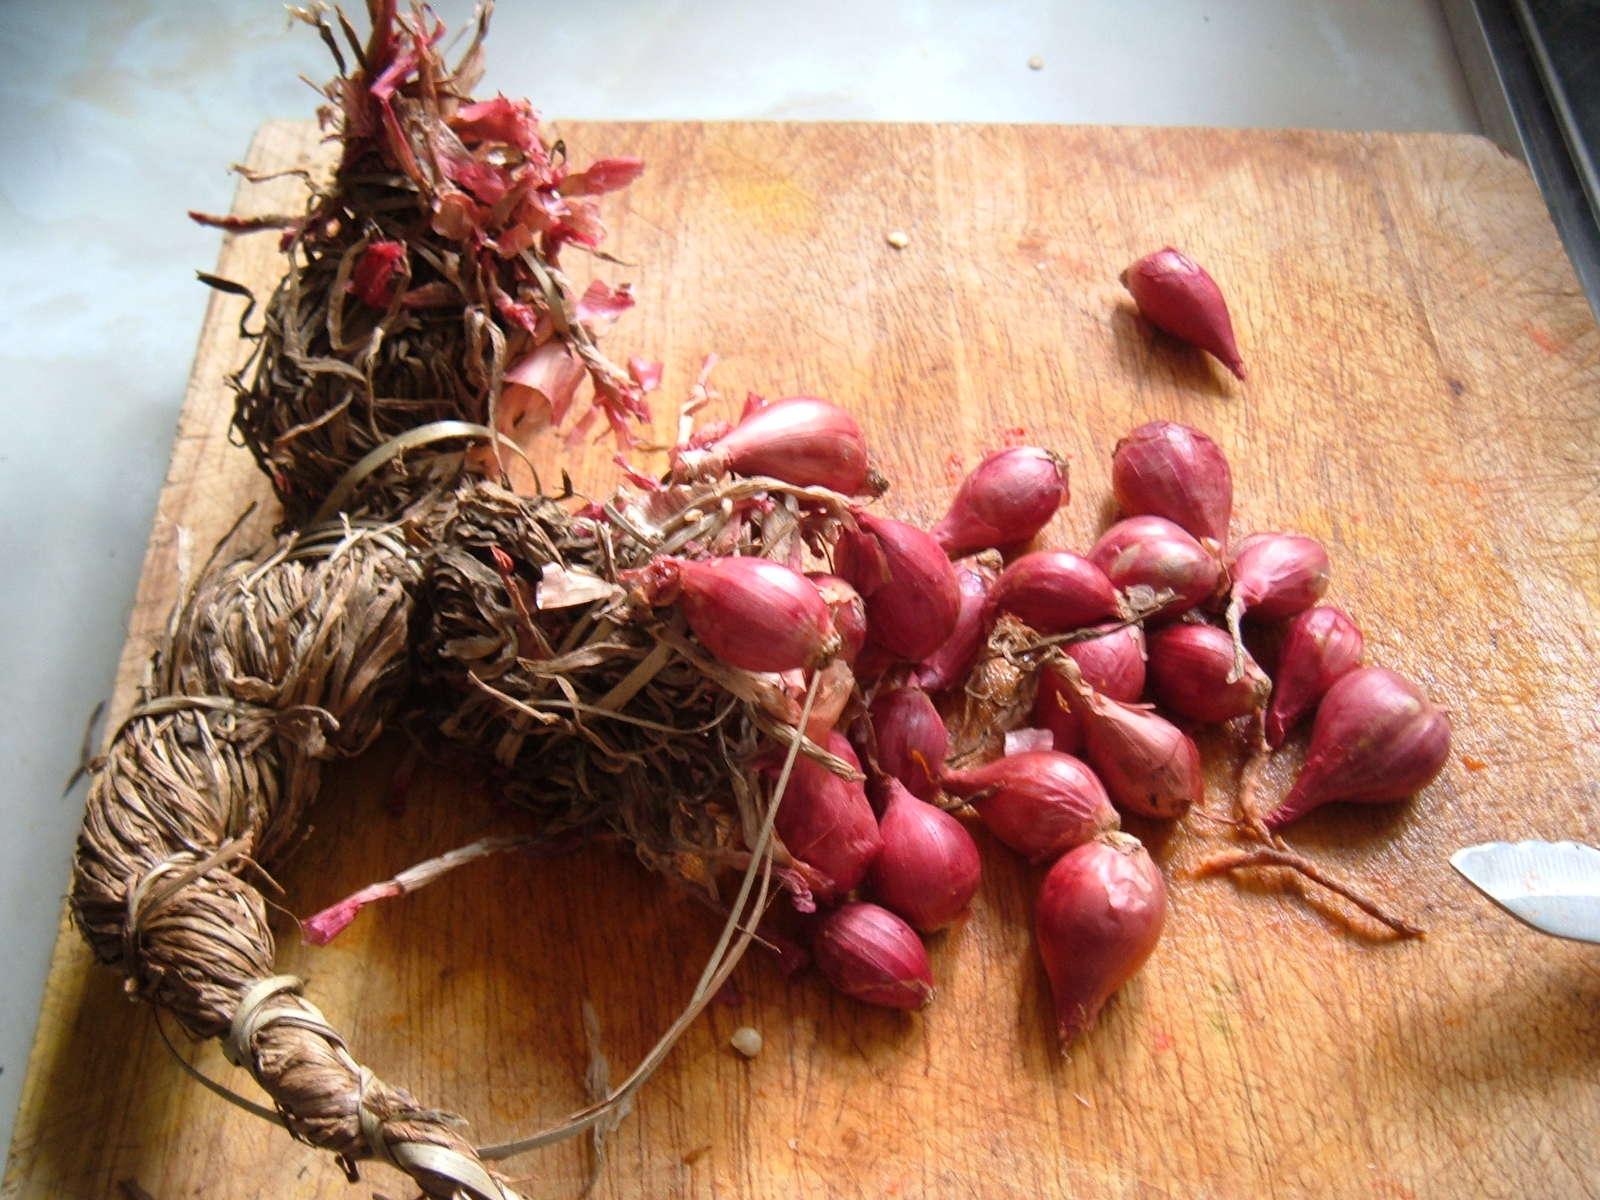 Schalotte: Die kleine Schwester der Küchenzwiebel - Plantura